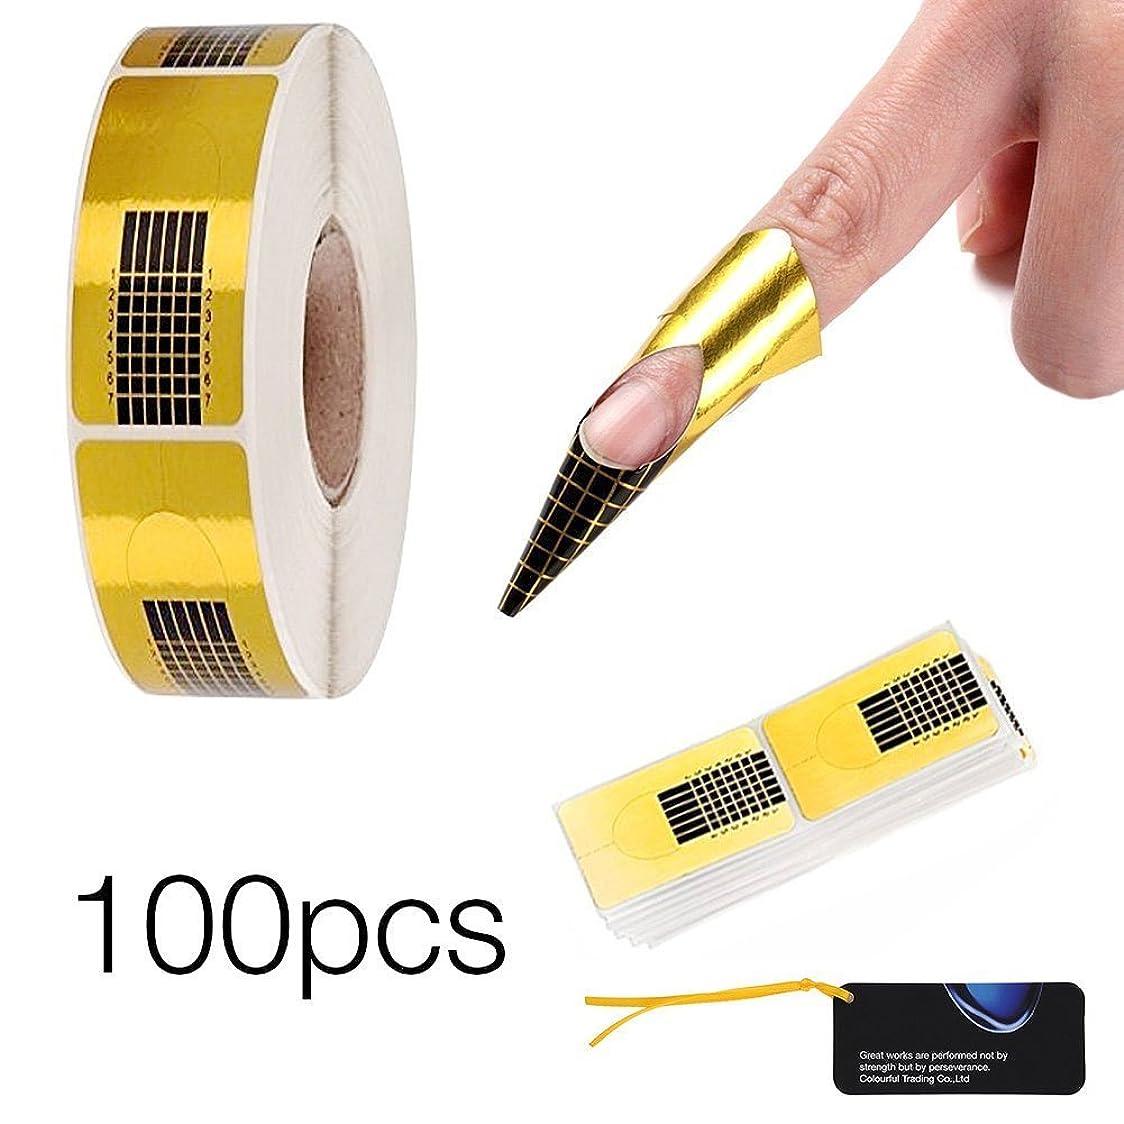 爵モンキー研究所Xiton ネイル保護 簡単 ジェルポリッシュ ネイルプロテクター ピールオフテープ ネイル保護 はみ出し防止 ネイルアートツール 100枚セット